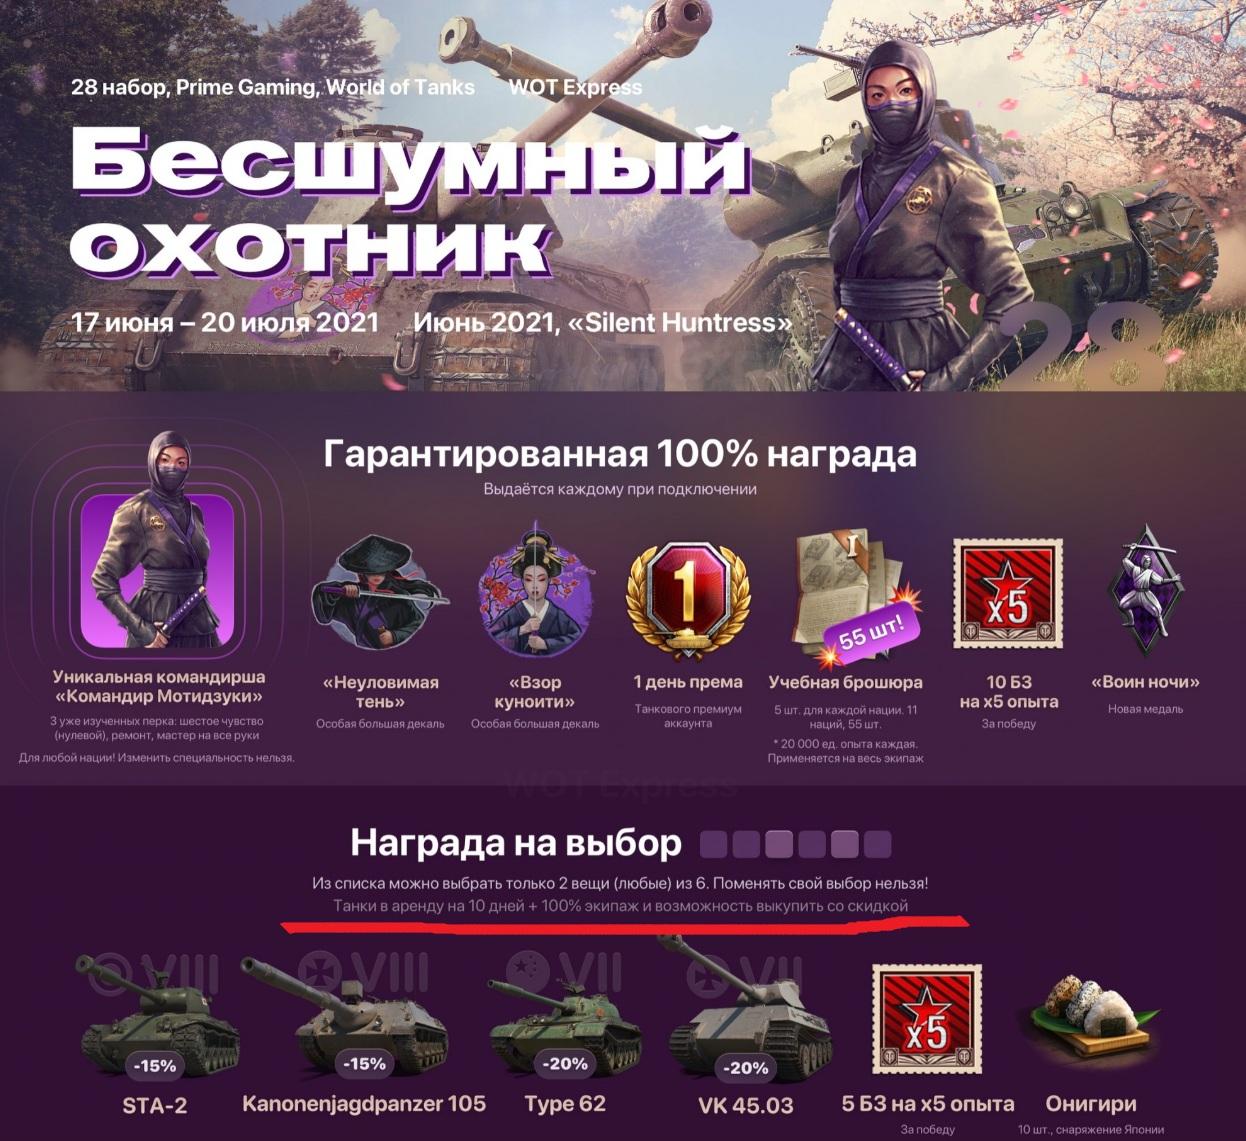 Фотография twitch world of tanks бесшумный охотник/silent huntress